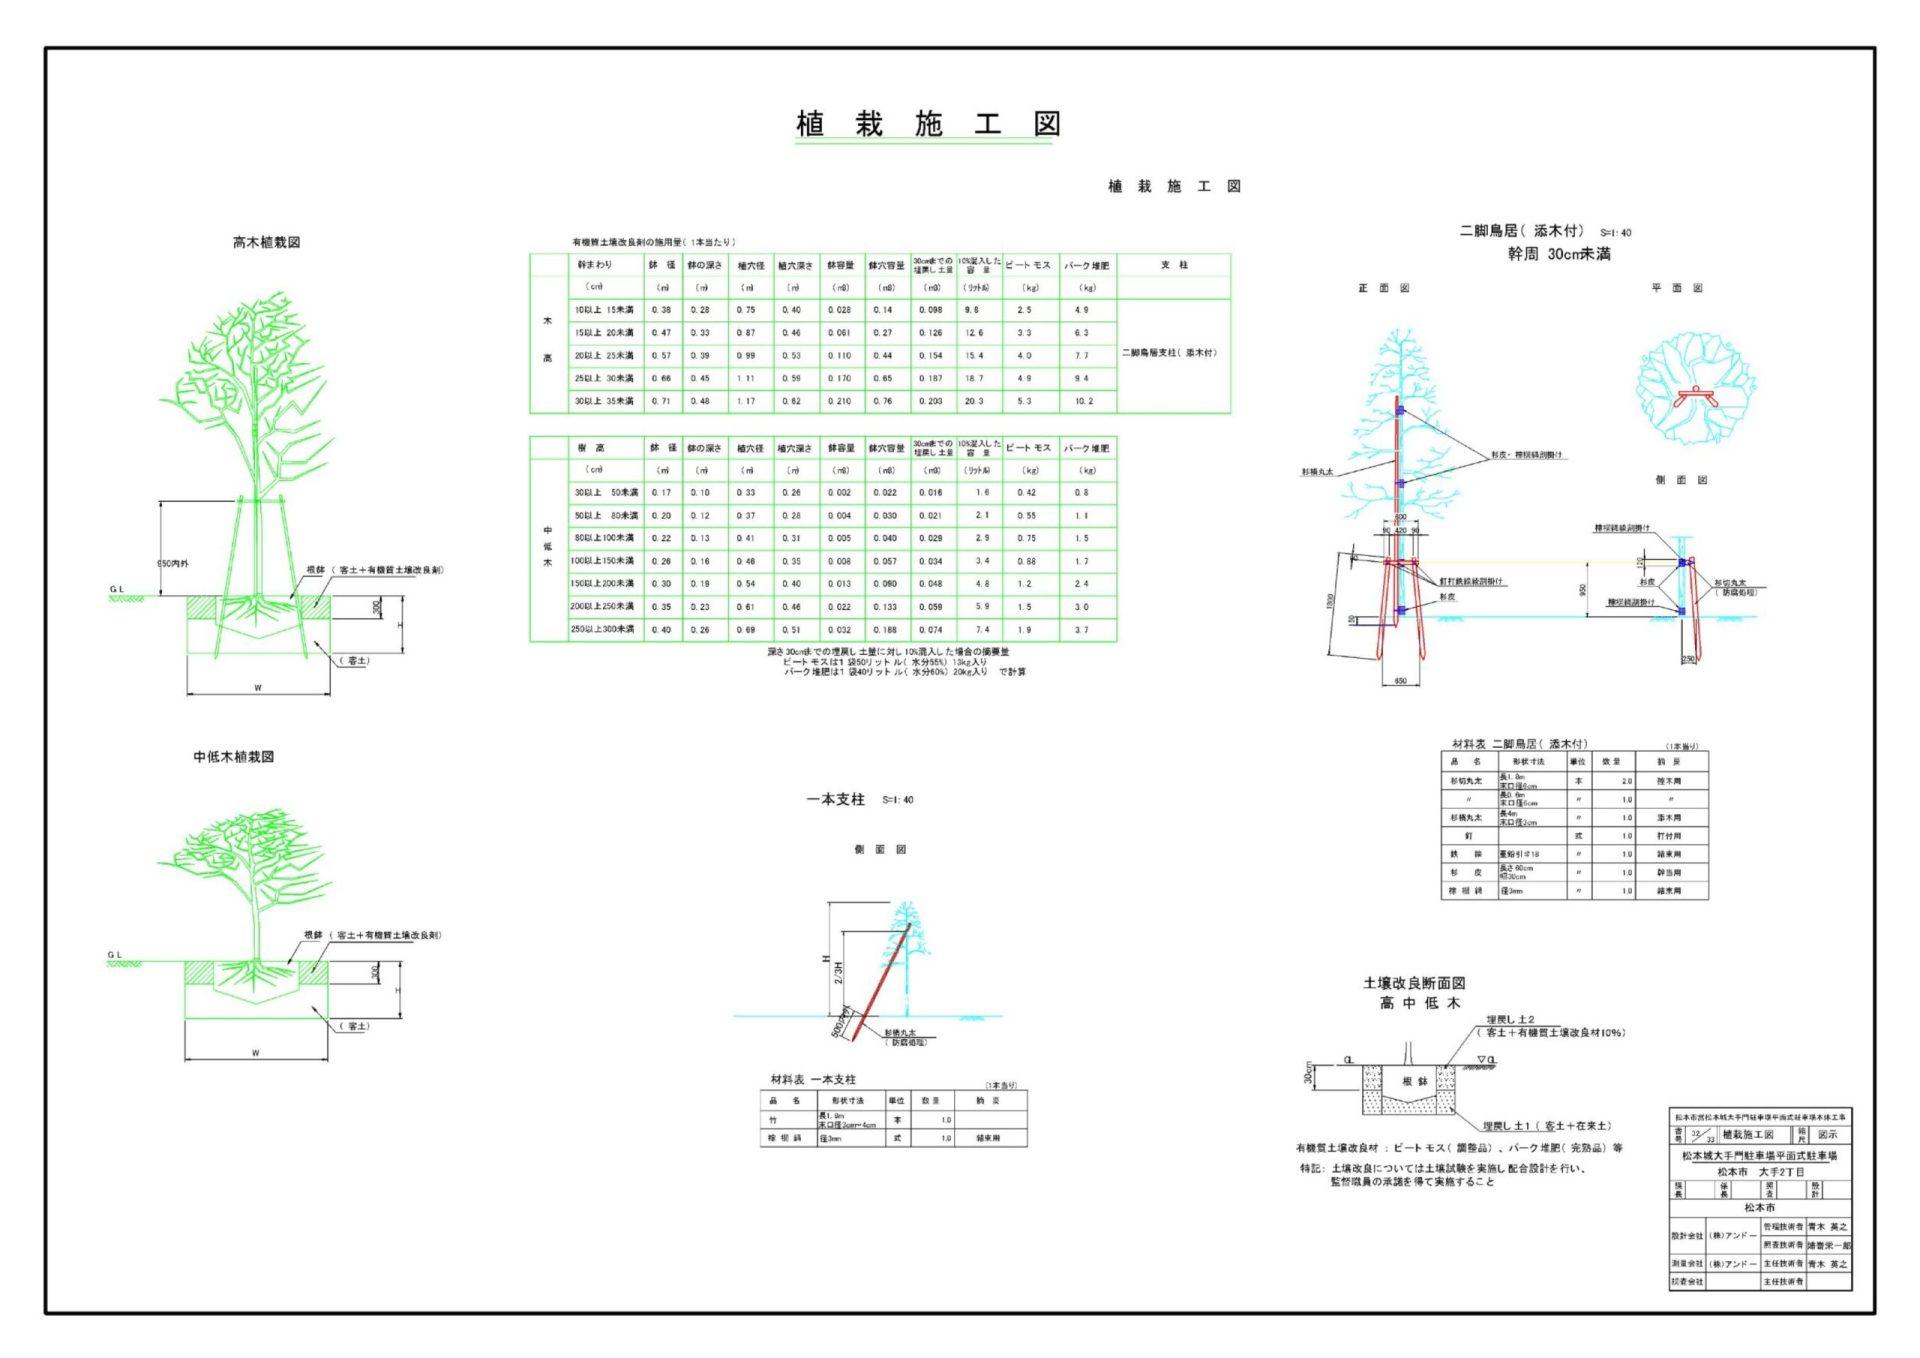 松本市大手門駐車場測量設計